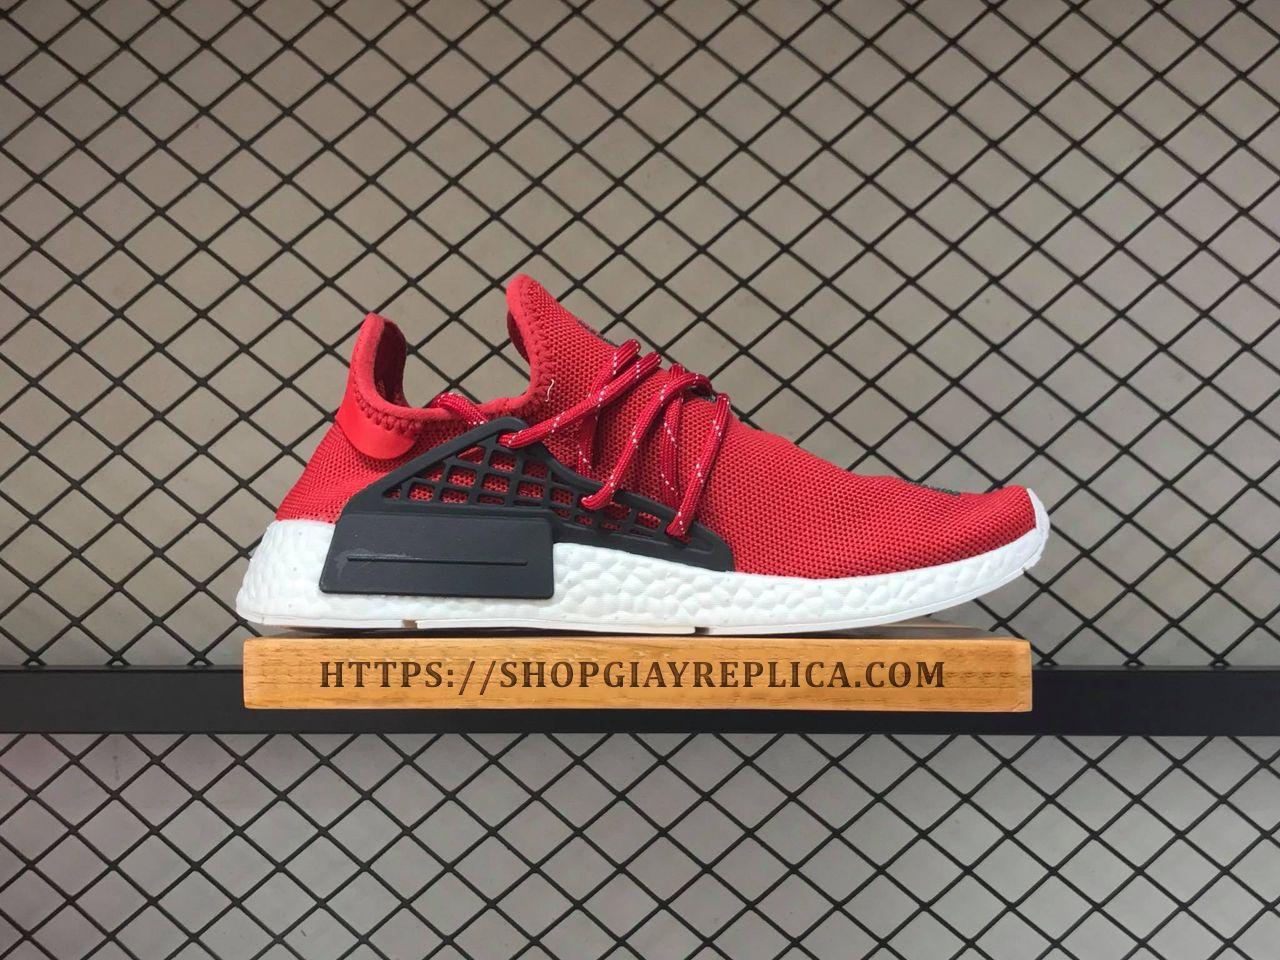 9 Hàng mới về  Giày Adidas Human Race mẫu mới về tuyệt đẹp - Shop giày Replica